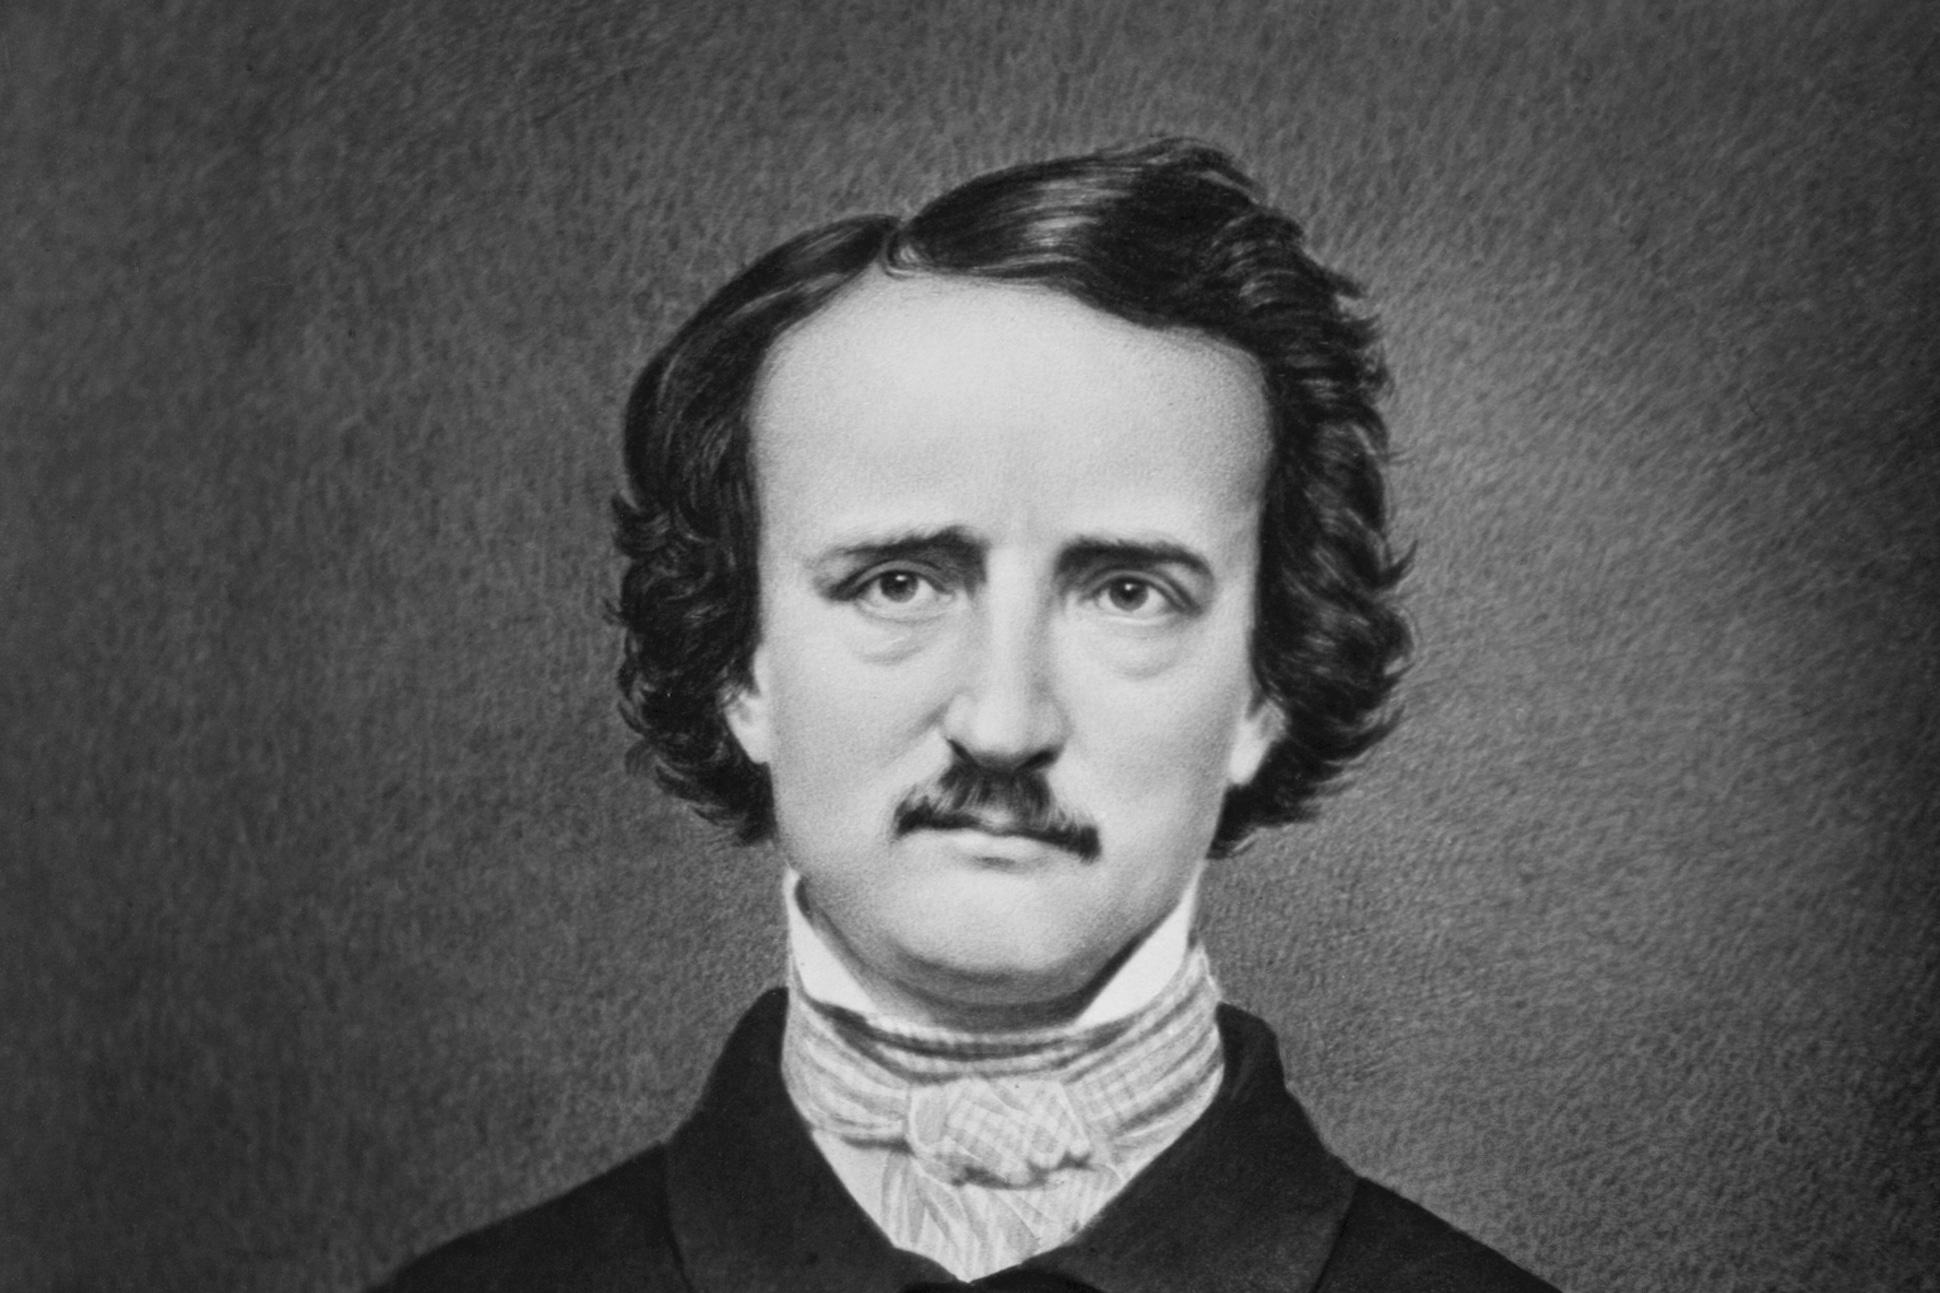 """a6063f04af14c7f5ae46da3515729702 1 - Kevin J. Hayes on Edgar Allan Poe: """"Originality was his watchword"""""""